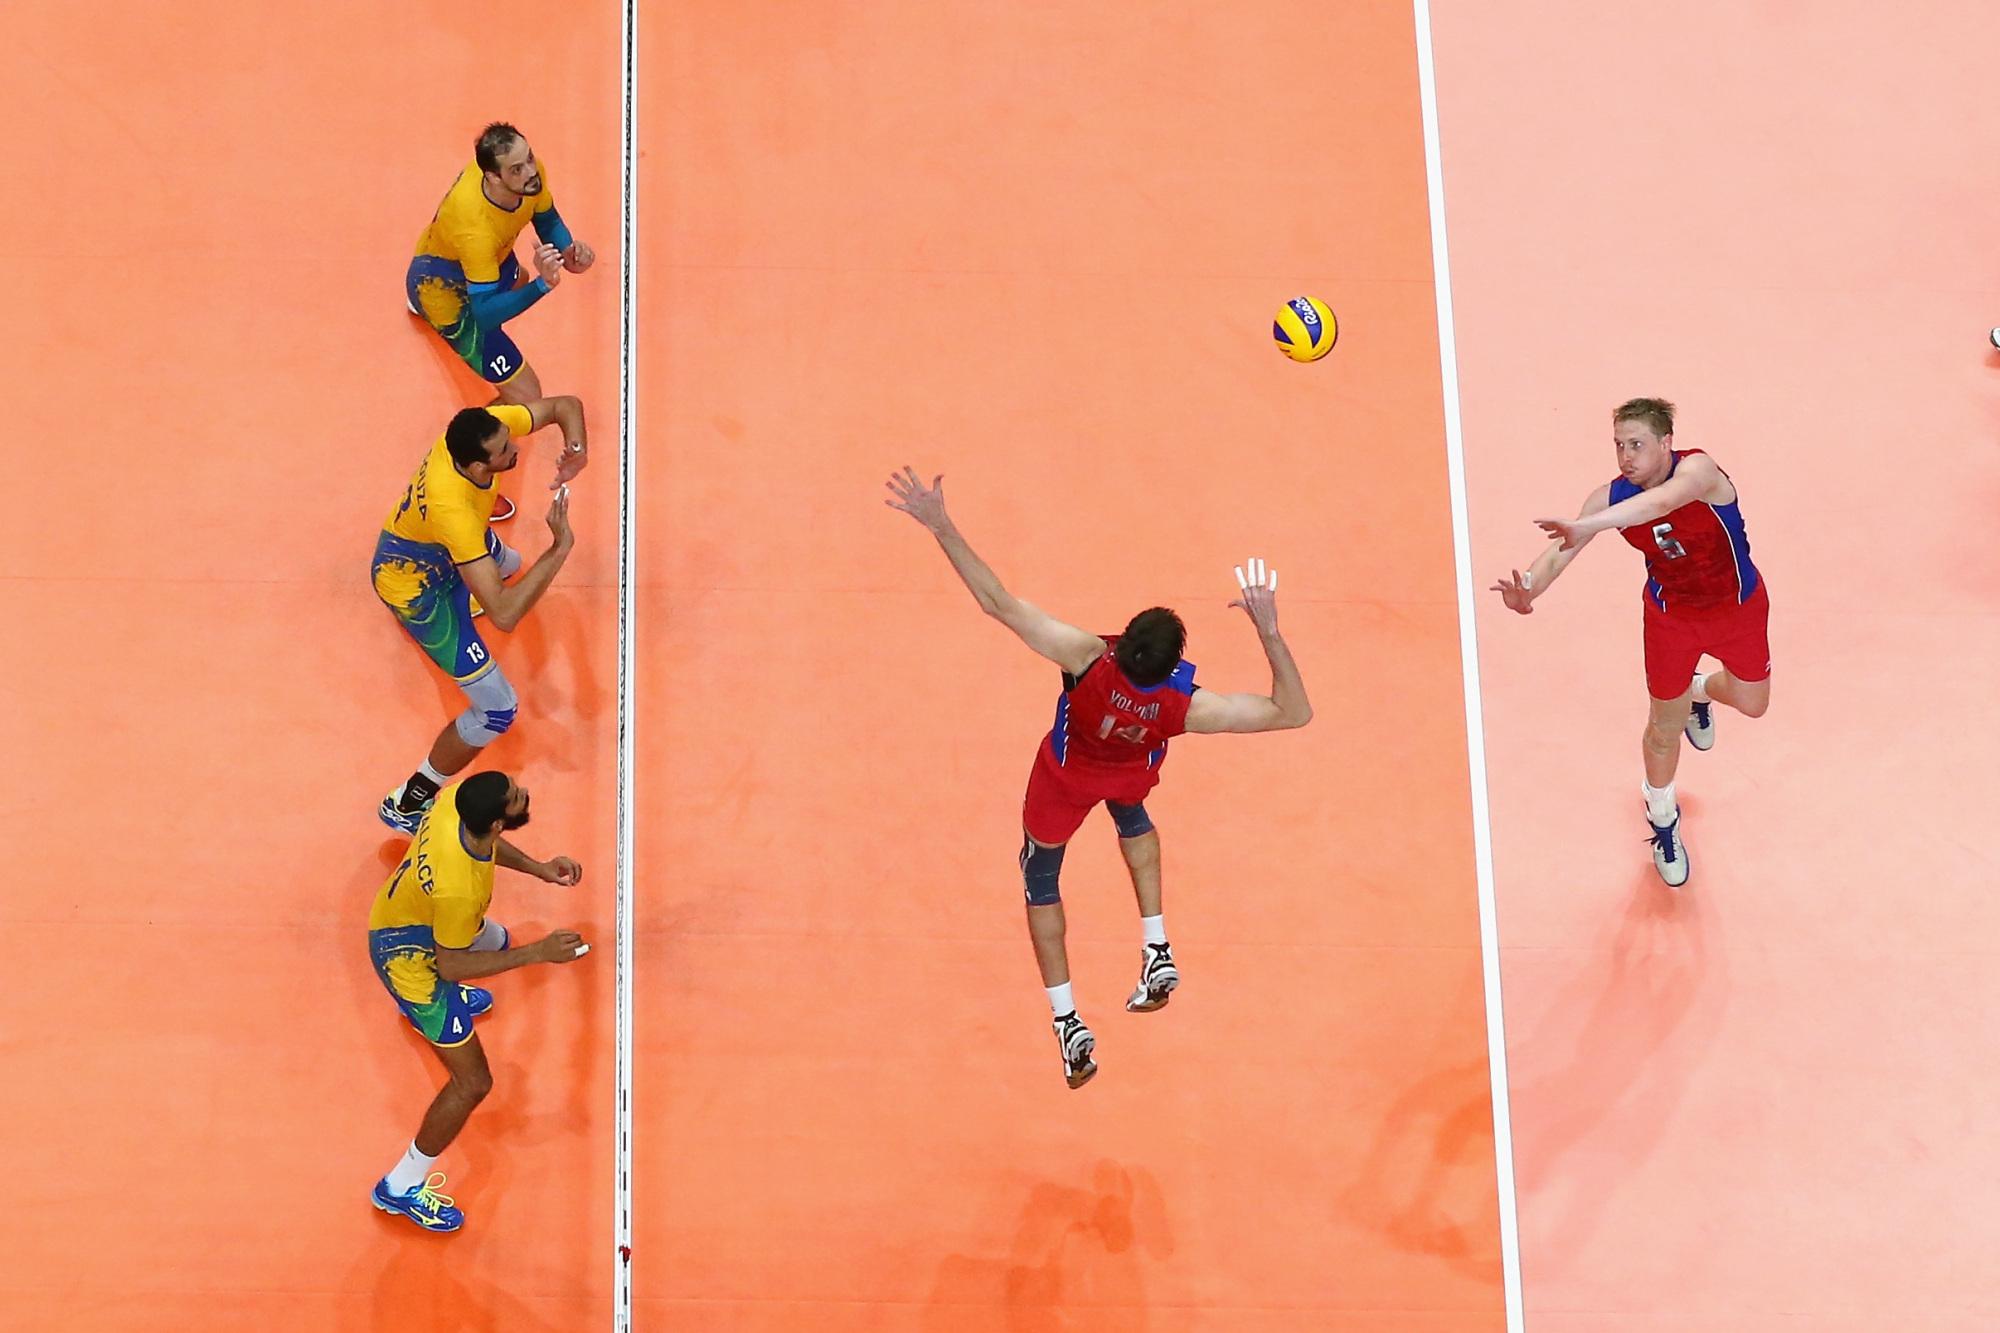 Un joueur de volleyball attaque le ballon près du filet.